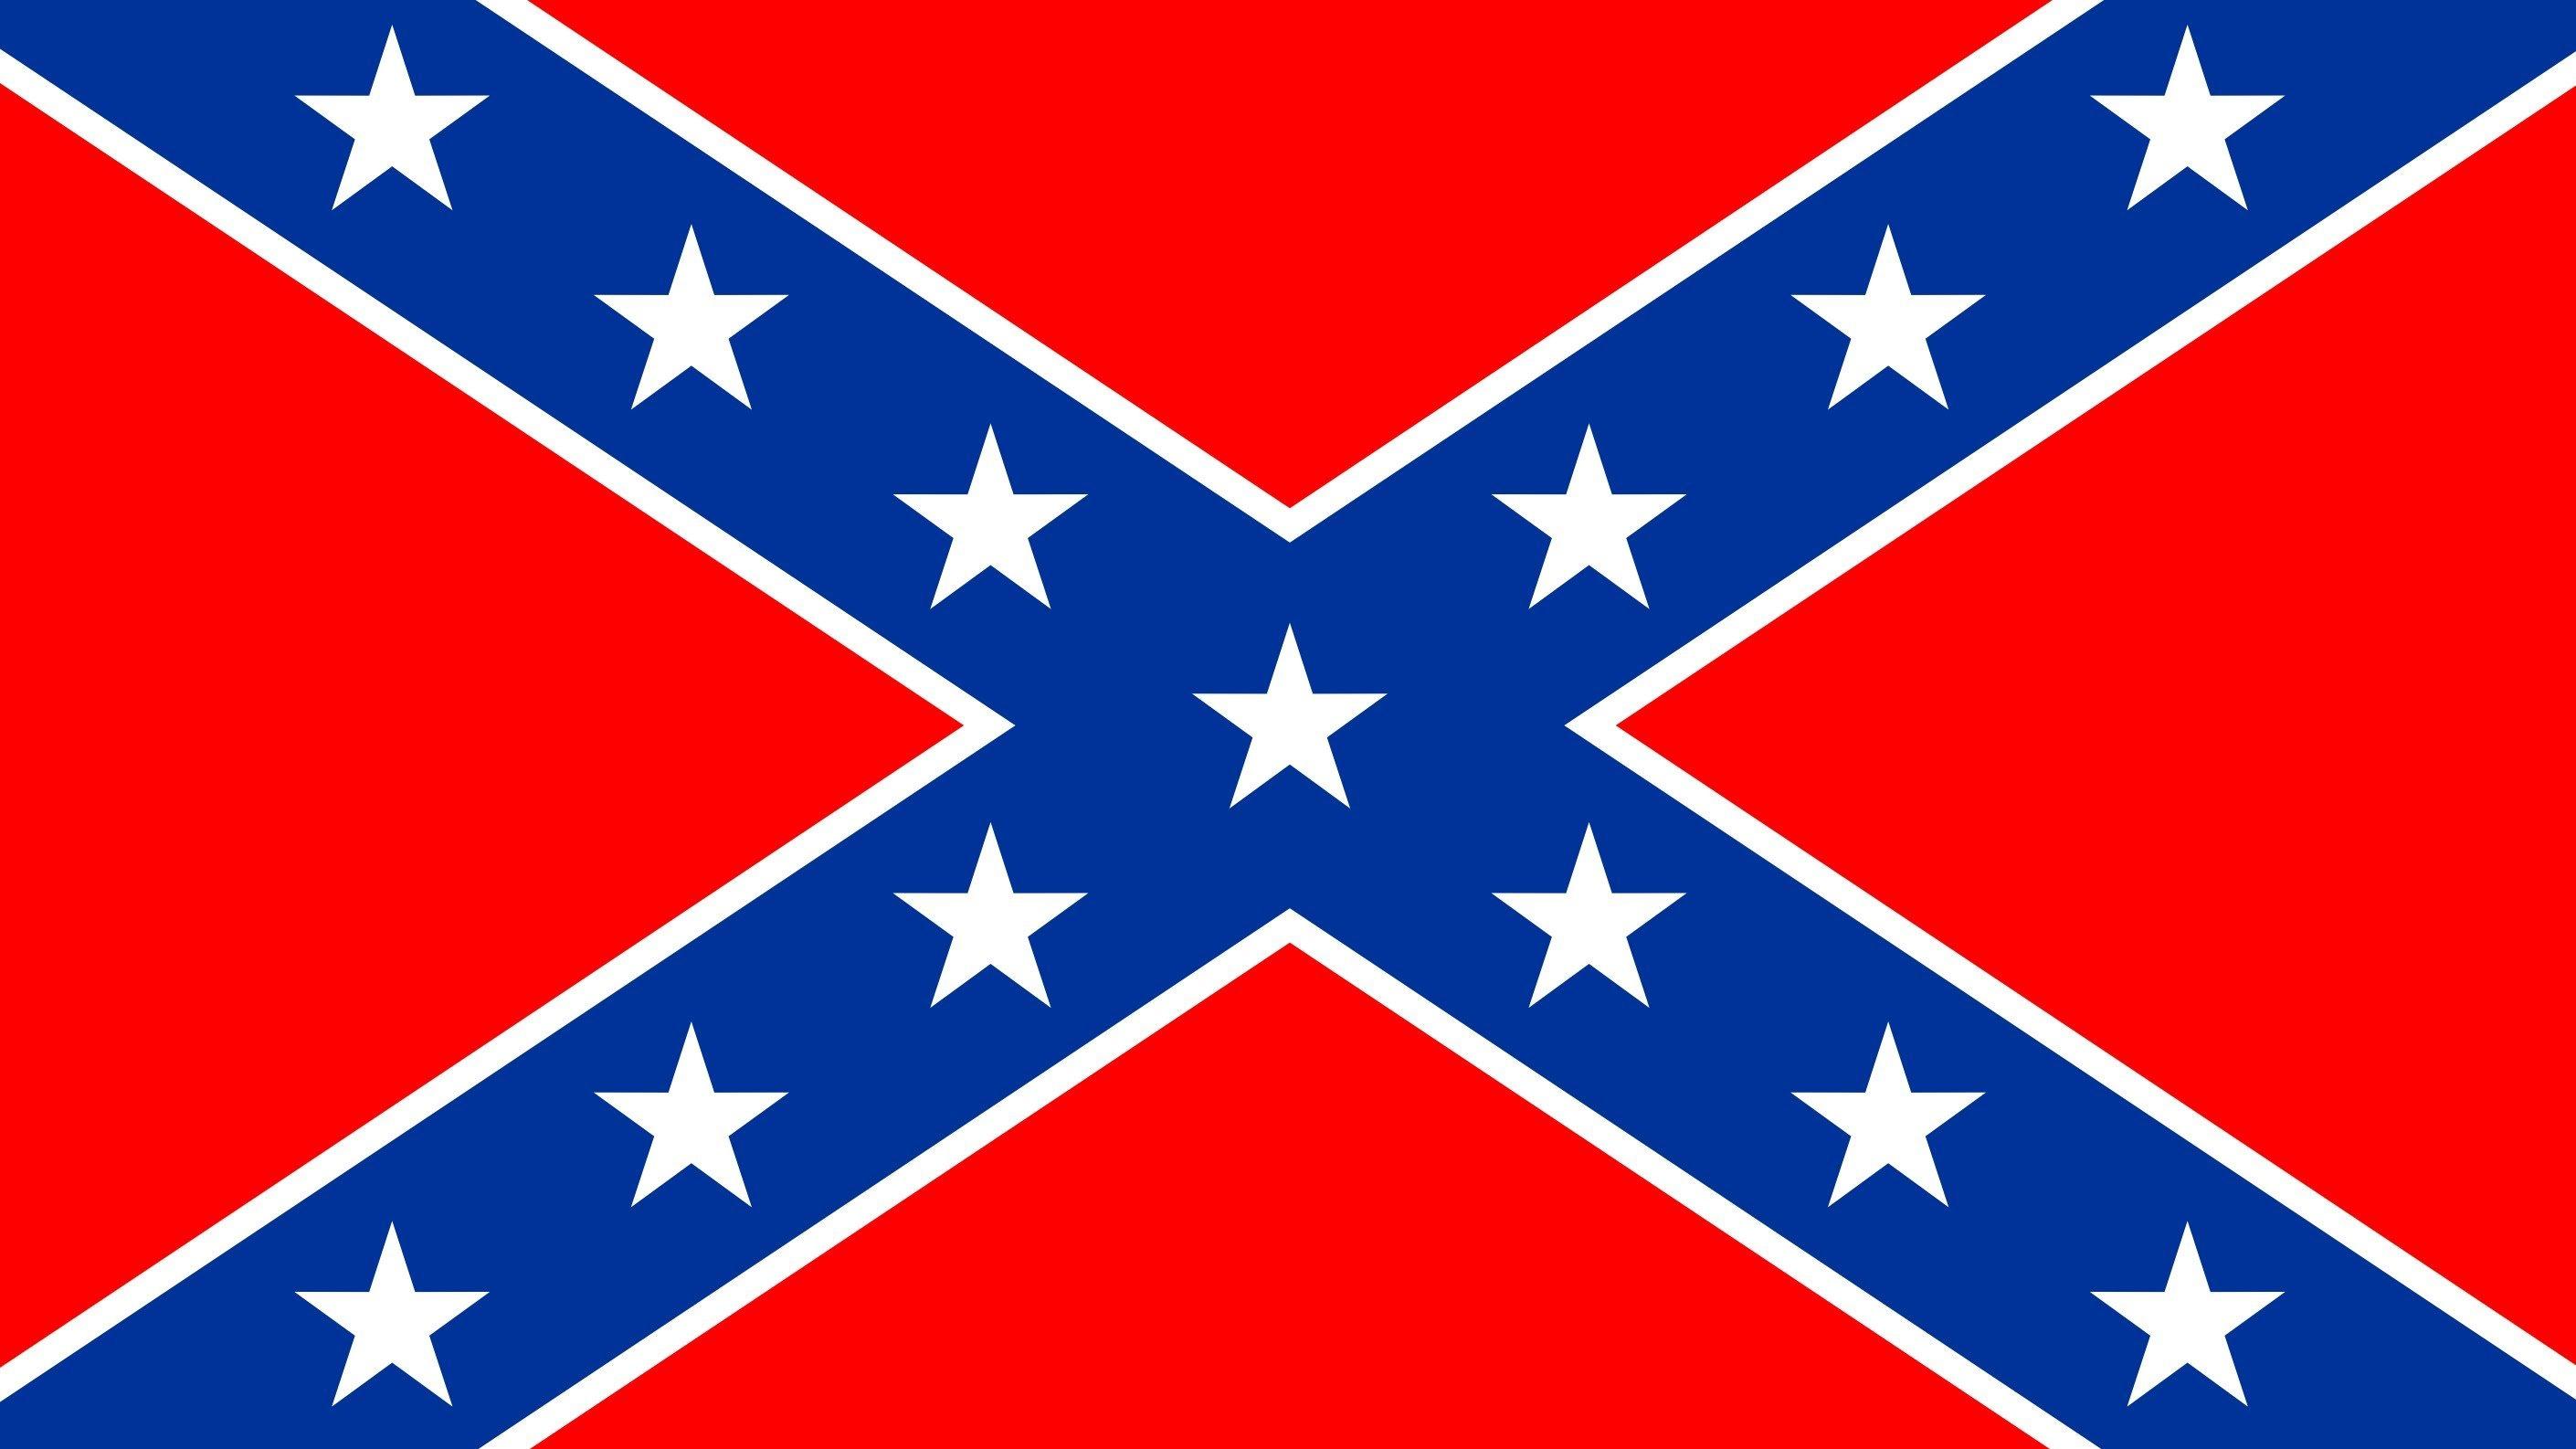 О флаг конфедерации южный крест